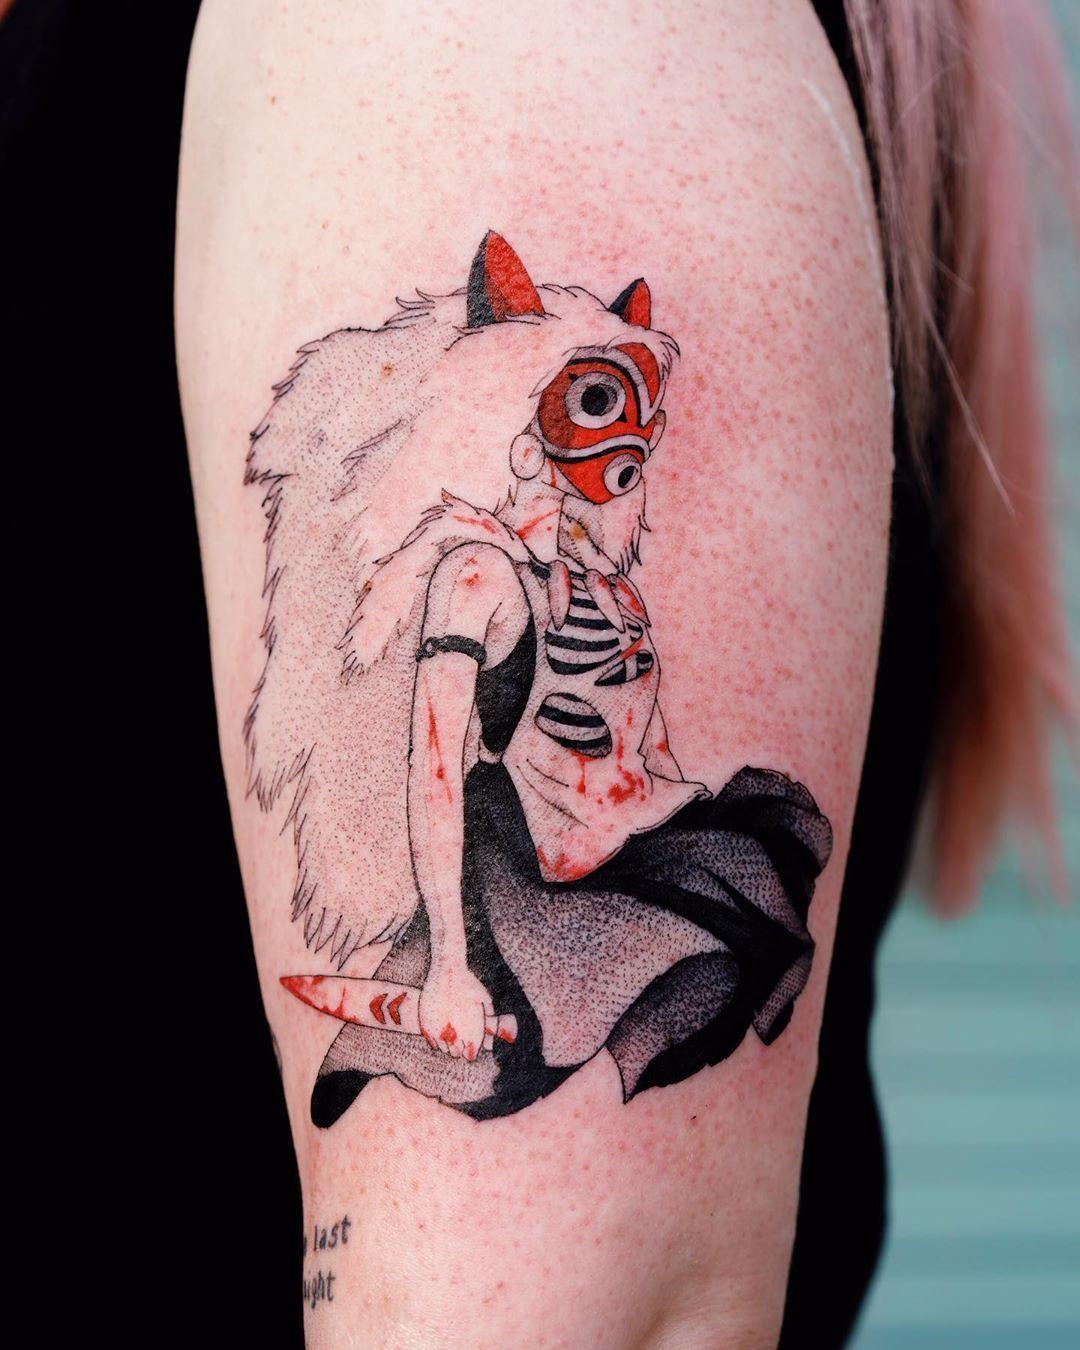 Tattoo Artist Oozy South Korean Tattoo Artist Oozy Tattoo Artwoonz Tattoo Artists Korean Tattoo Artist Ghibli Tattoo